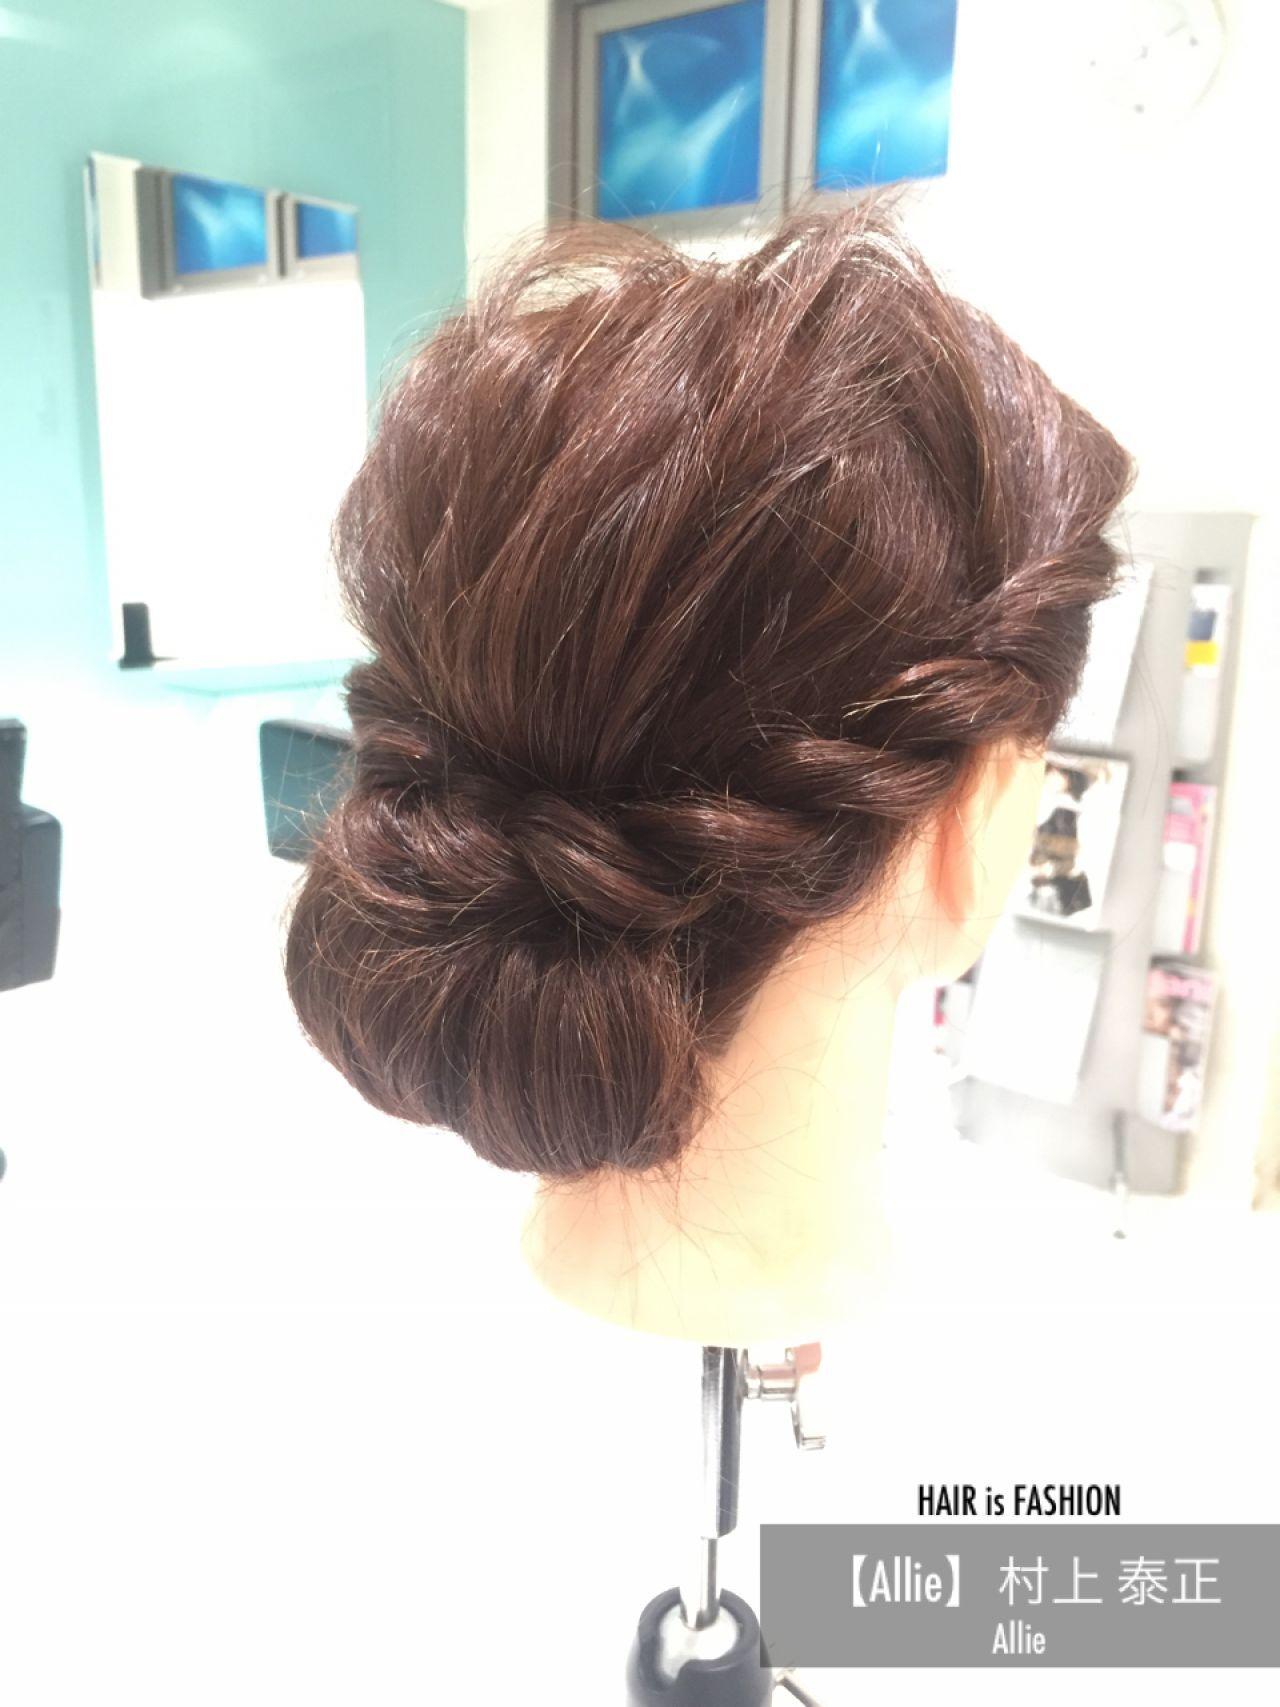 ゆるふわ セミロング ショート 簡単ヘアアレンジヘアスタイルや髪型の写真・画像